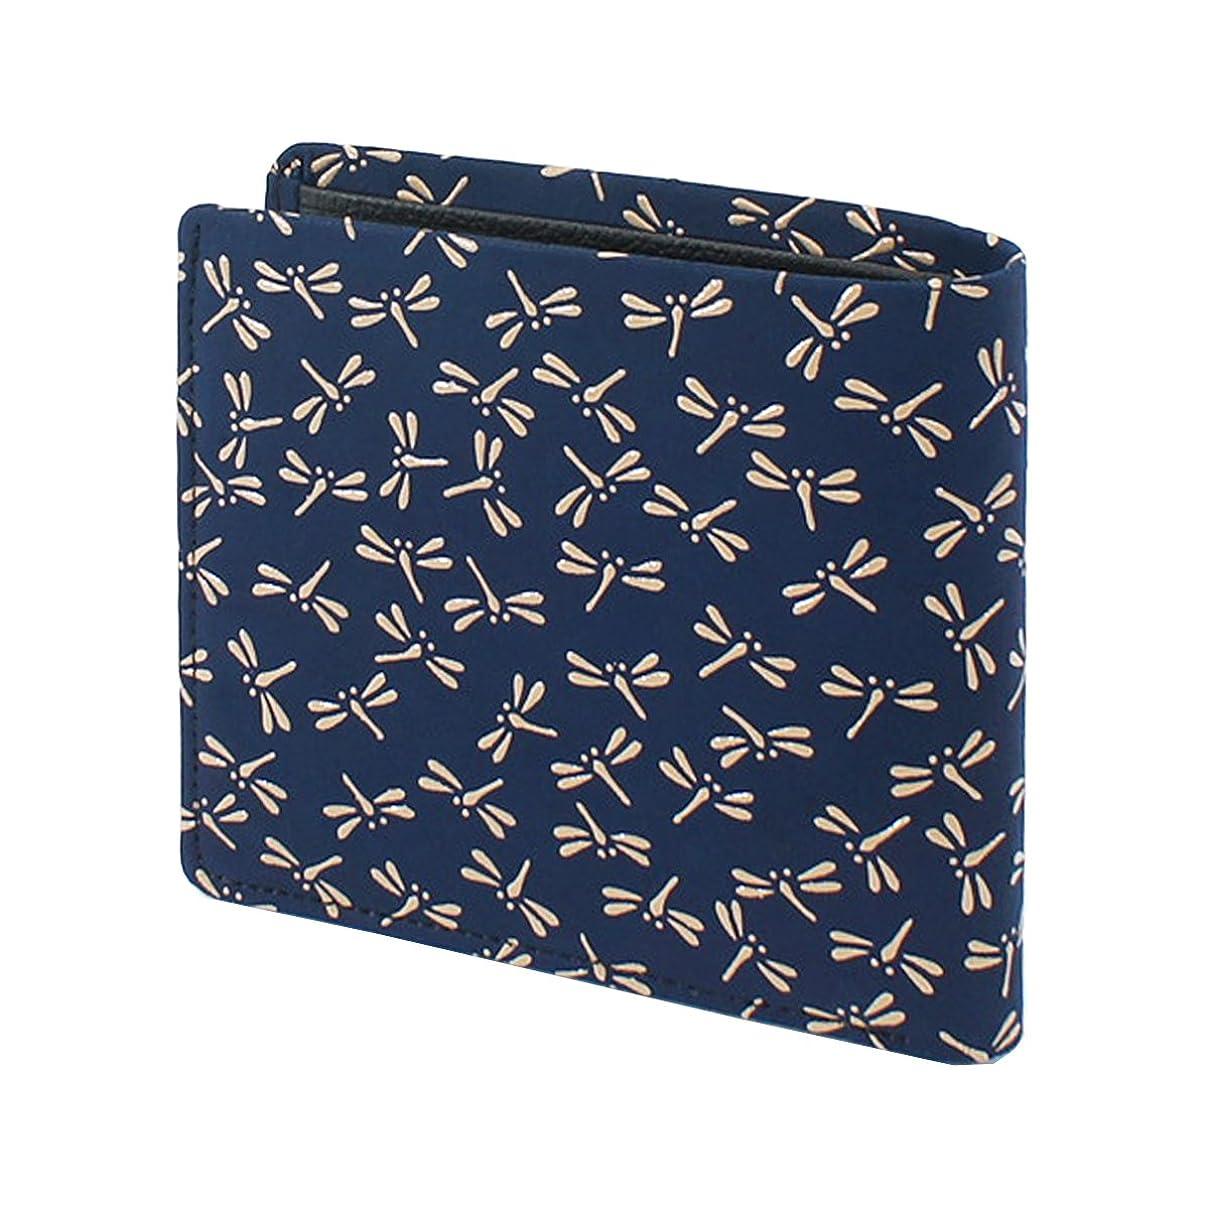 ハーネス傾向がある汚いINDEN-YA 印傳屋 印伝 財布 二つ折り財布 メンズ 男性用 紺×白 とんぼ 2006-14-008